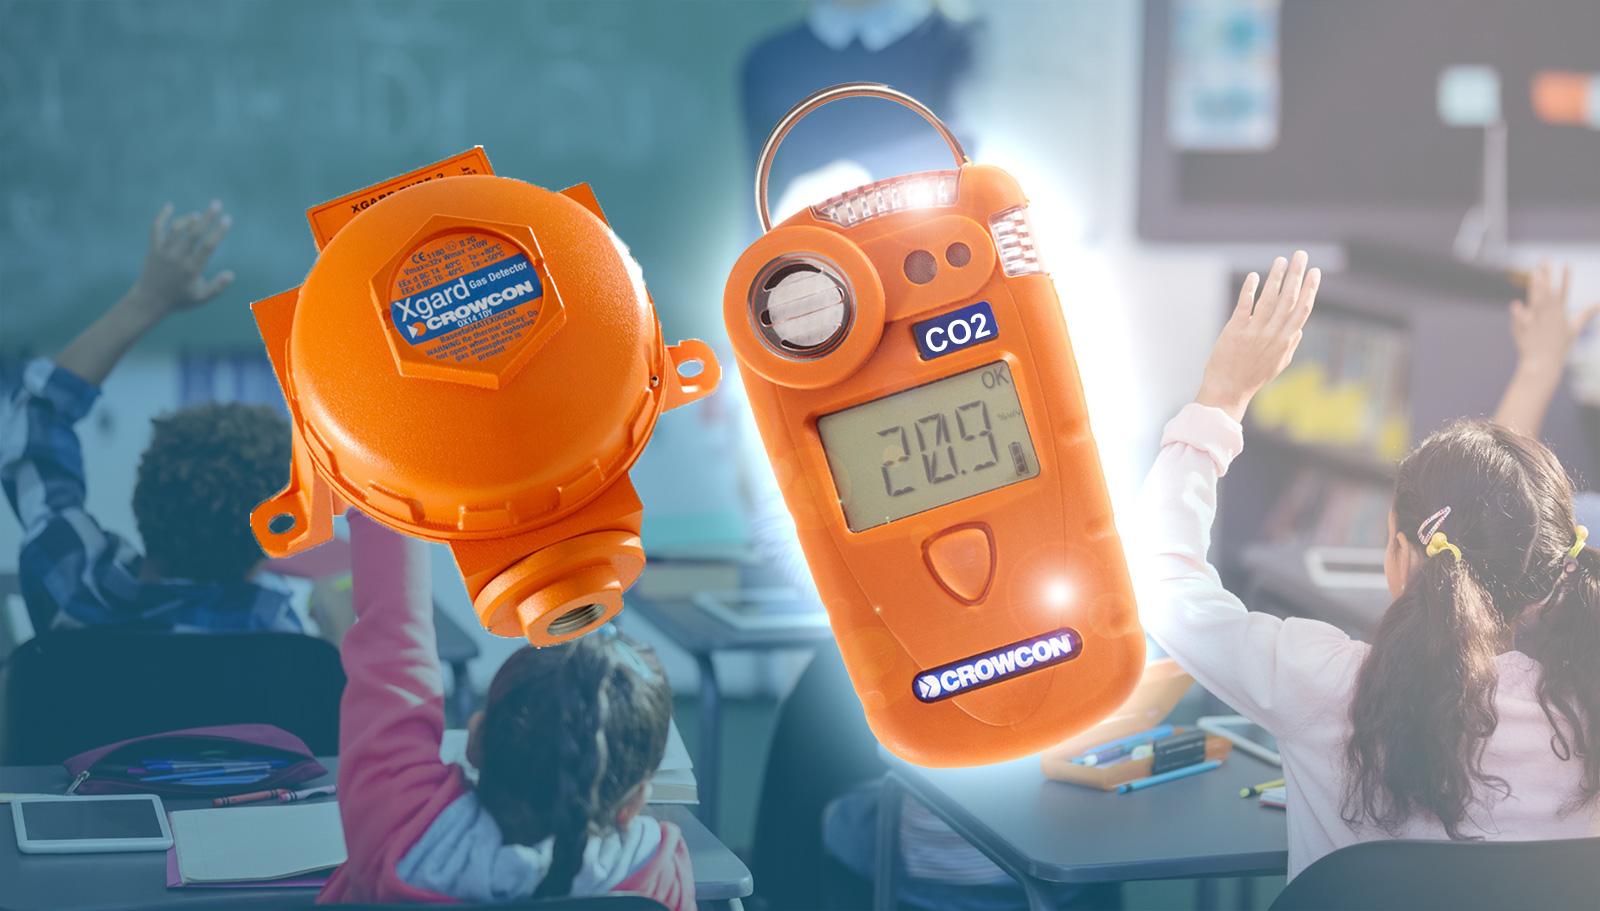 Prevención frente al COVID19 mediante la medición de CO2